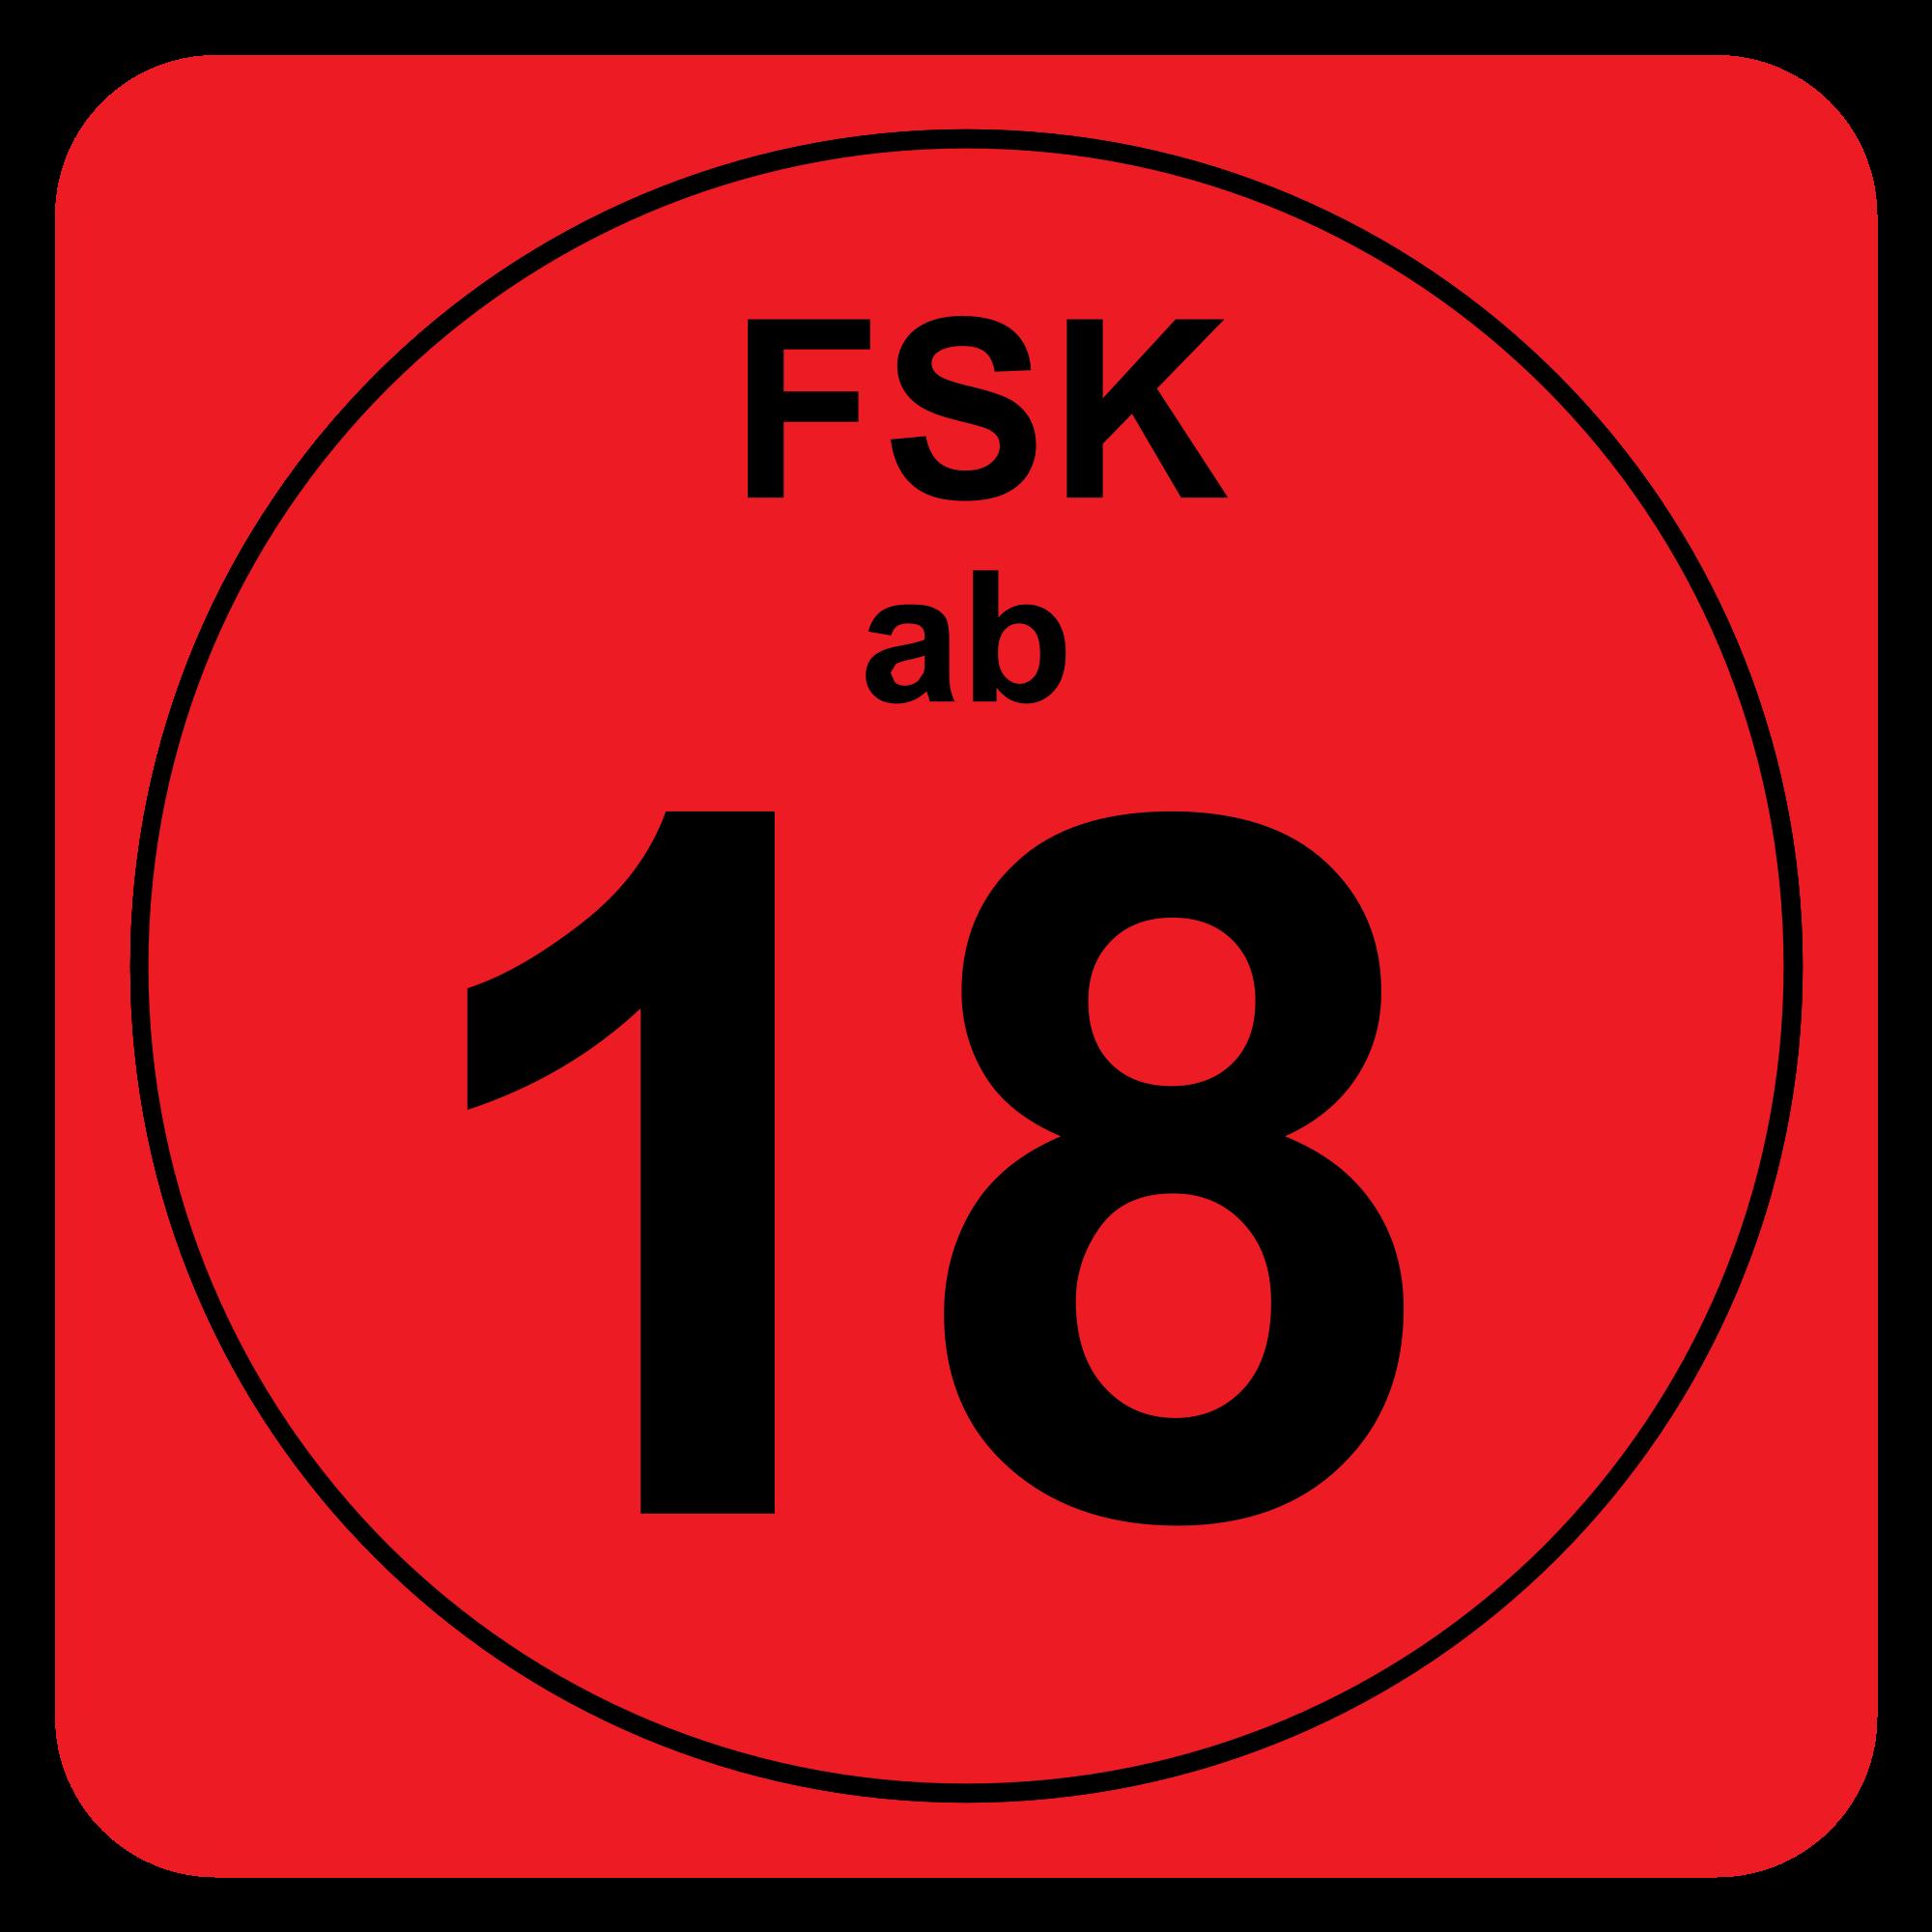 Fsk 18 Logo